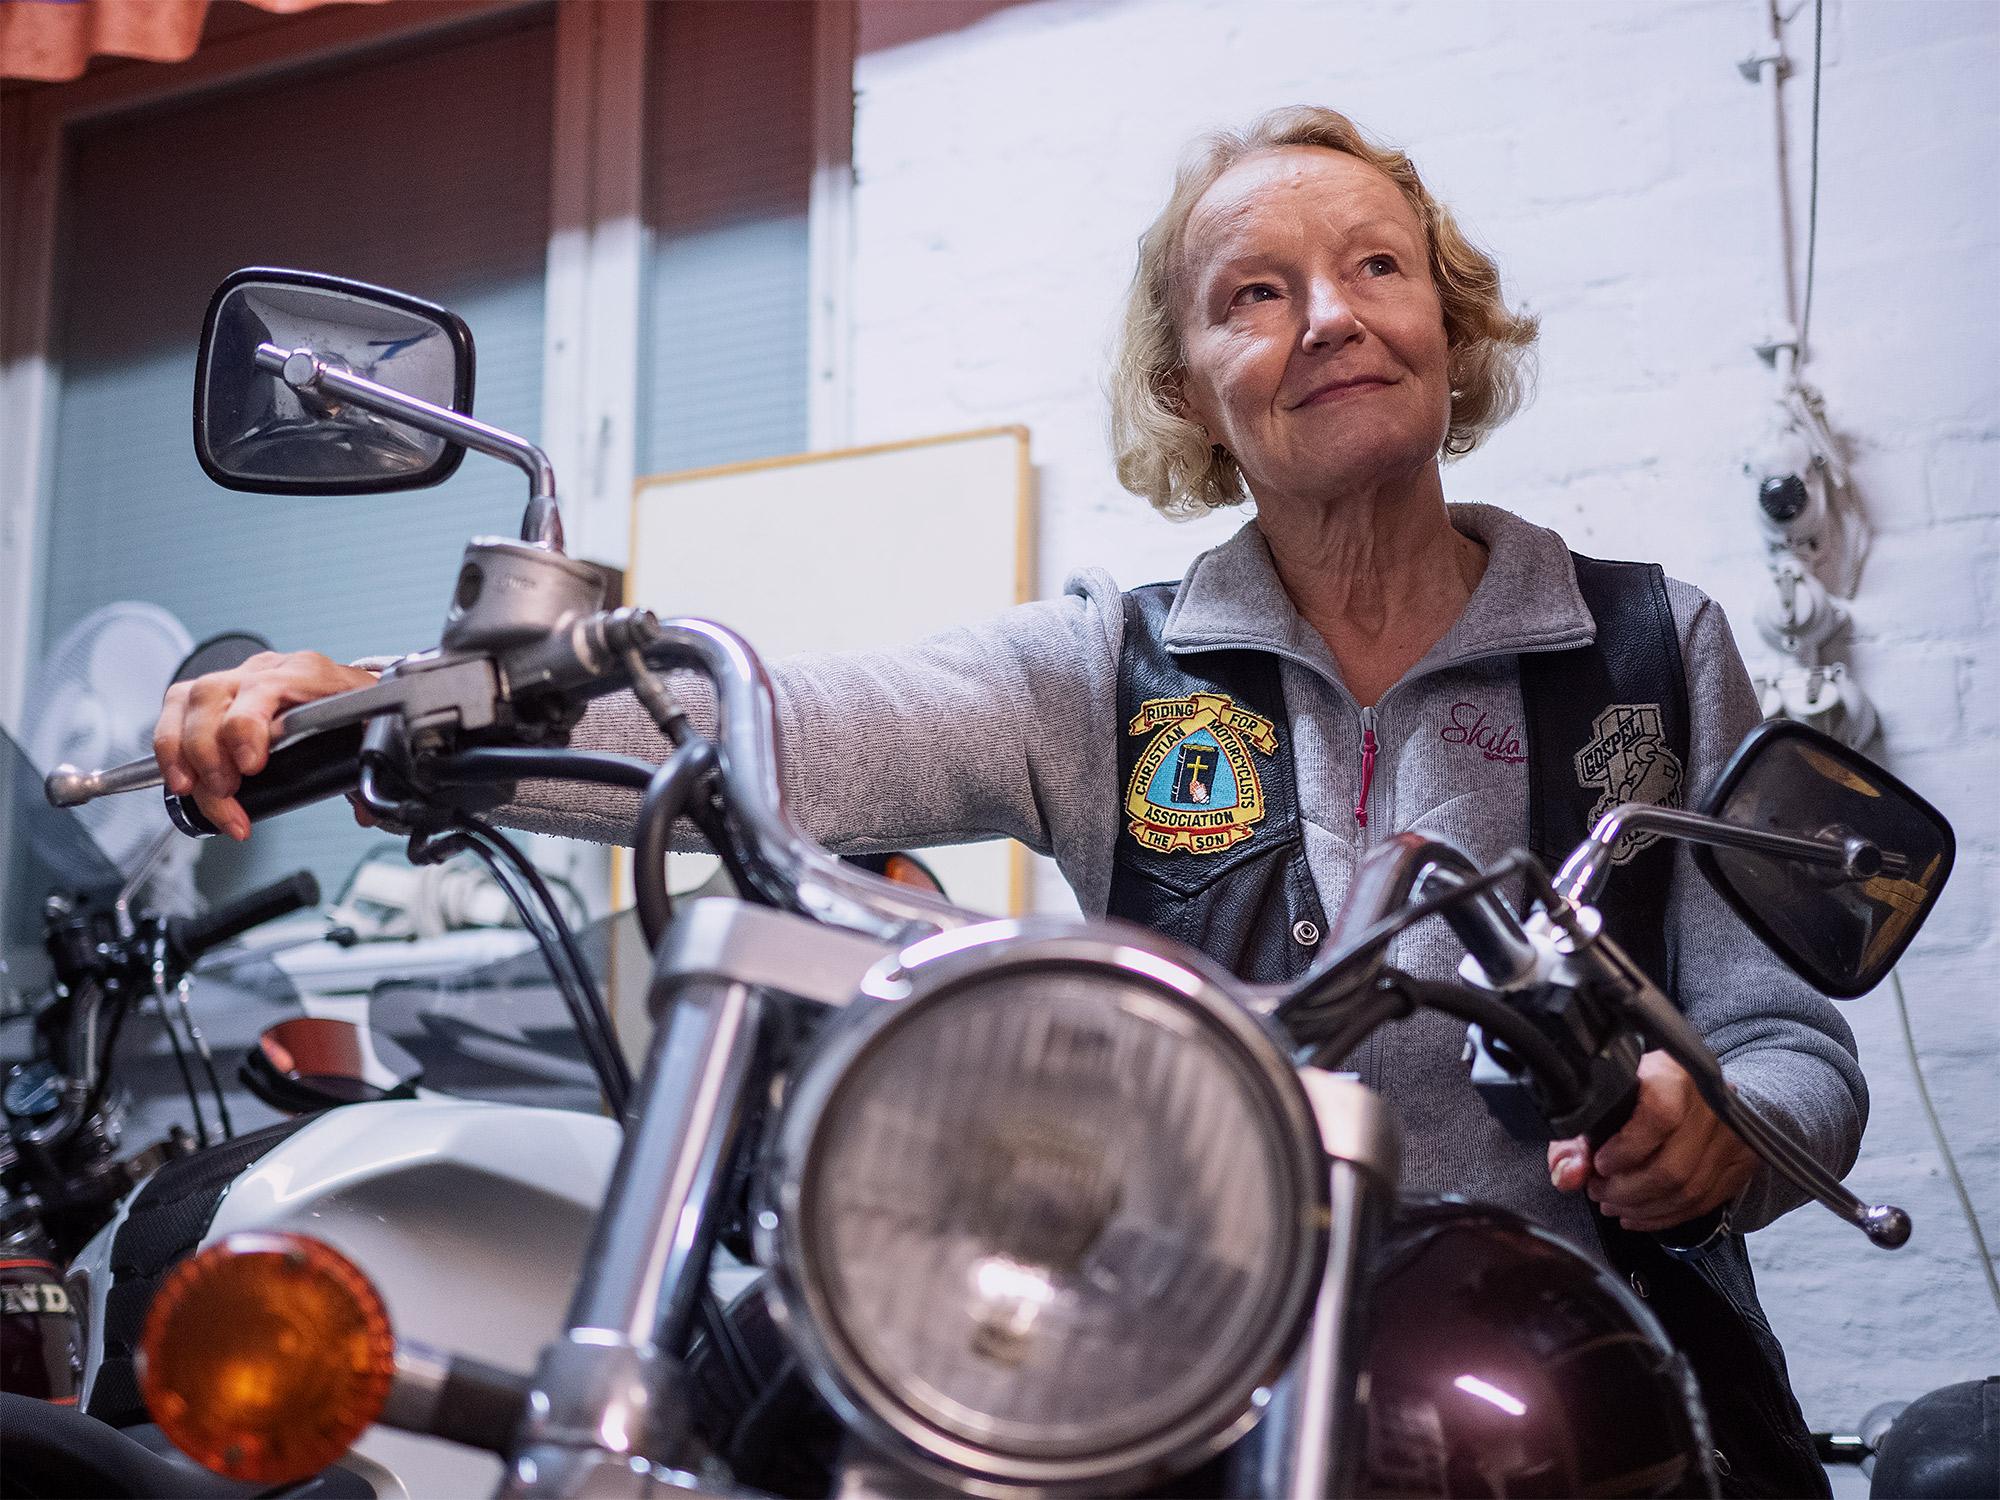 Kuvassa on henkilö sisätiloissa moottoripyörän päällä. Henkilö pitää pyörän kahvoista kiinni ja katselee yläoikealle. Hänellä on päällään harmaa pusakka ja yllään nahkaiset kerholiivit, jossa on kangasmerkkejä. Kangasmerkeissä on muun muassa ristin kuvia.